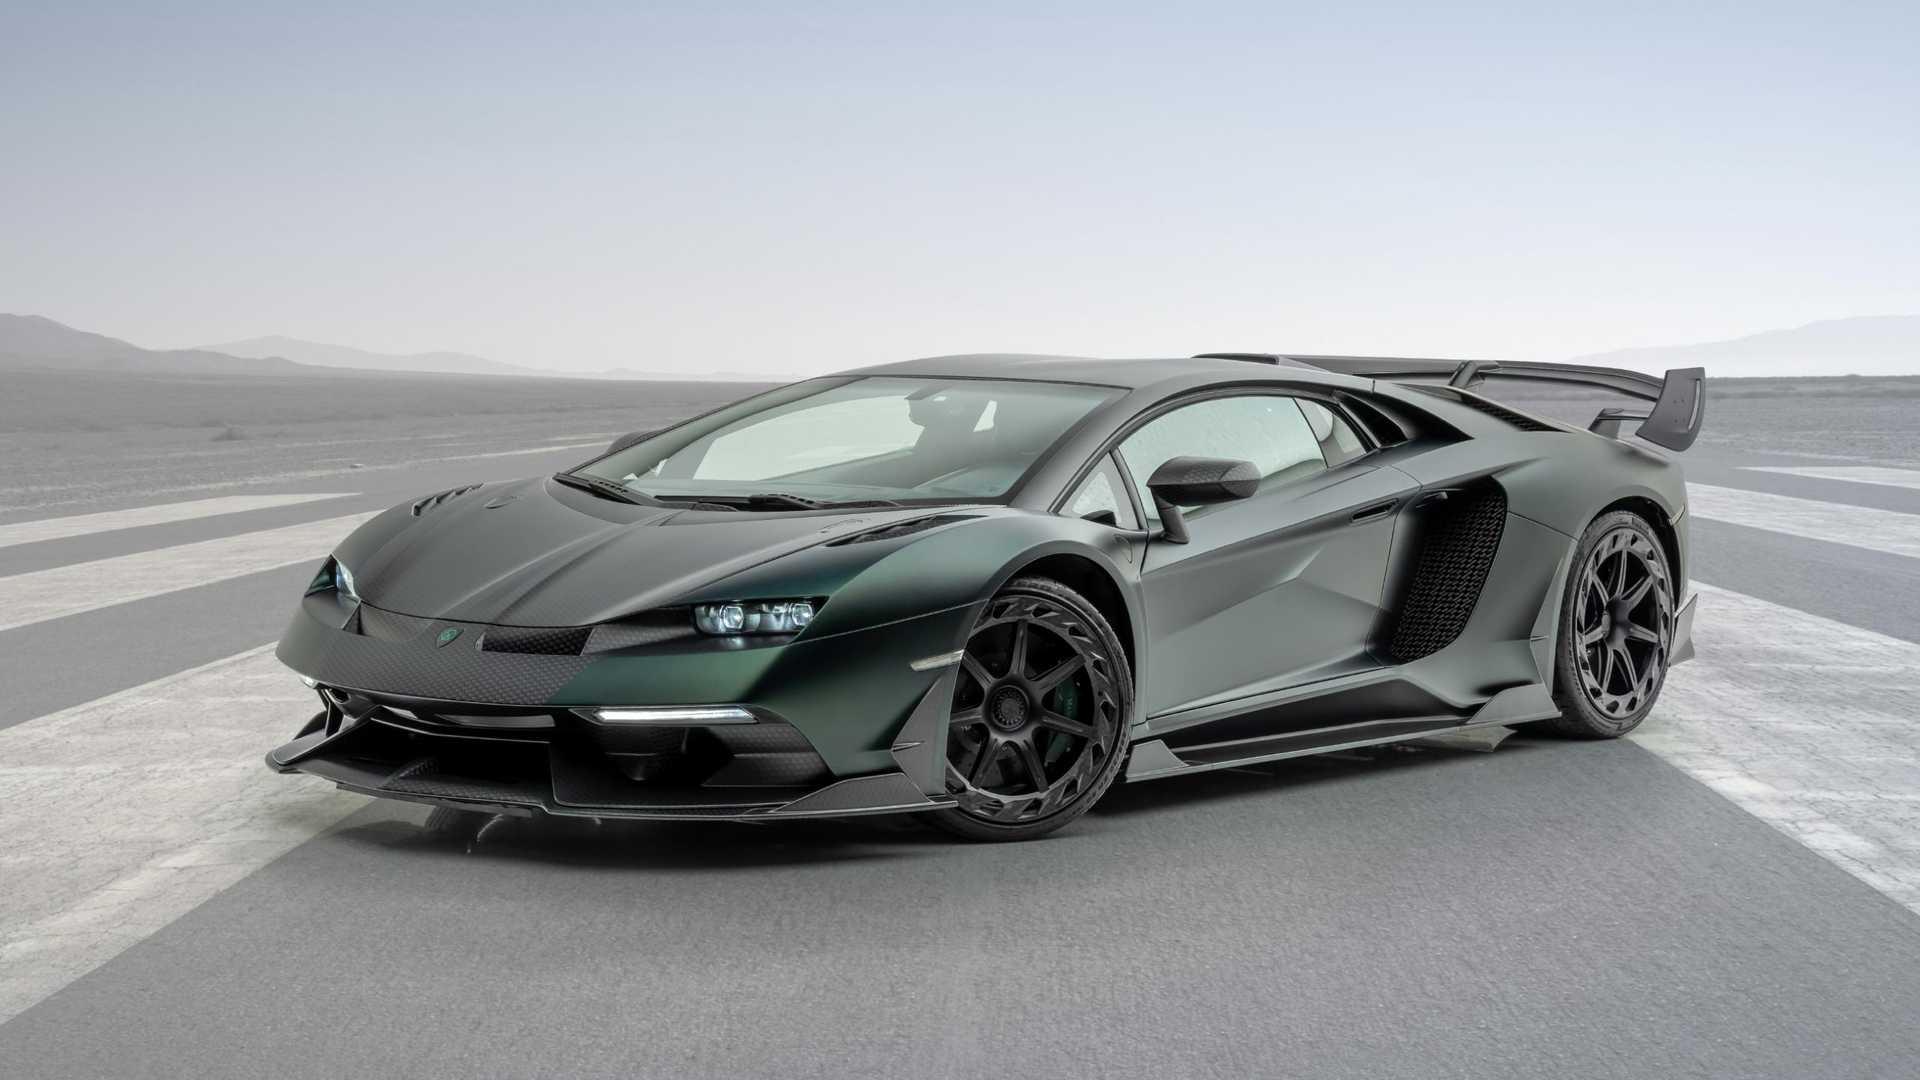 Тюнеры показали Lamborghini Aventador SVJ со «сплющенными» фарами 1